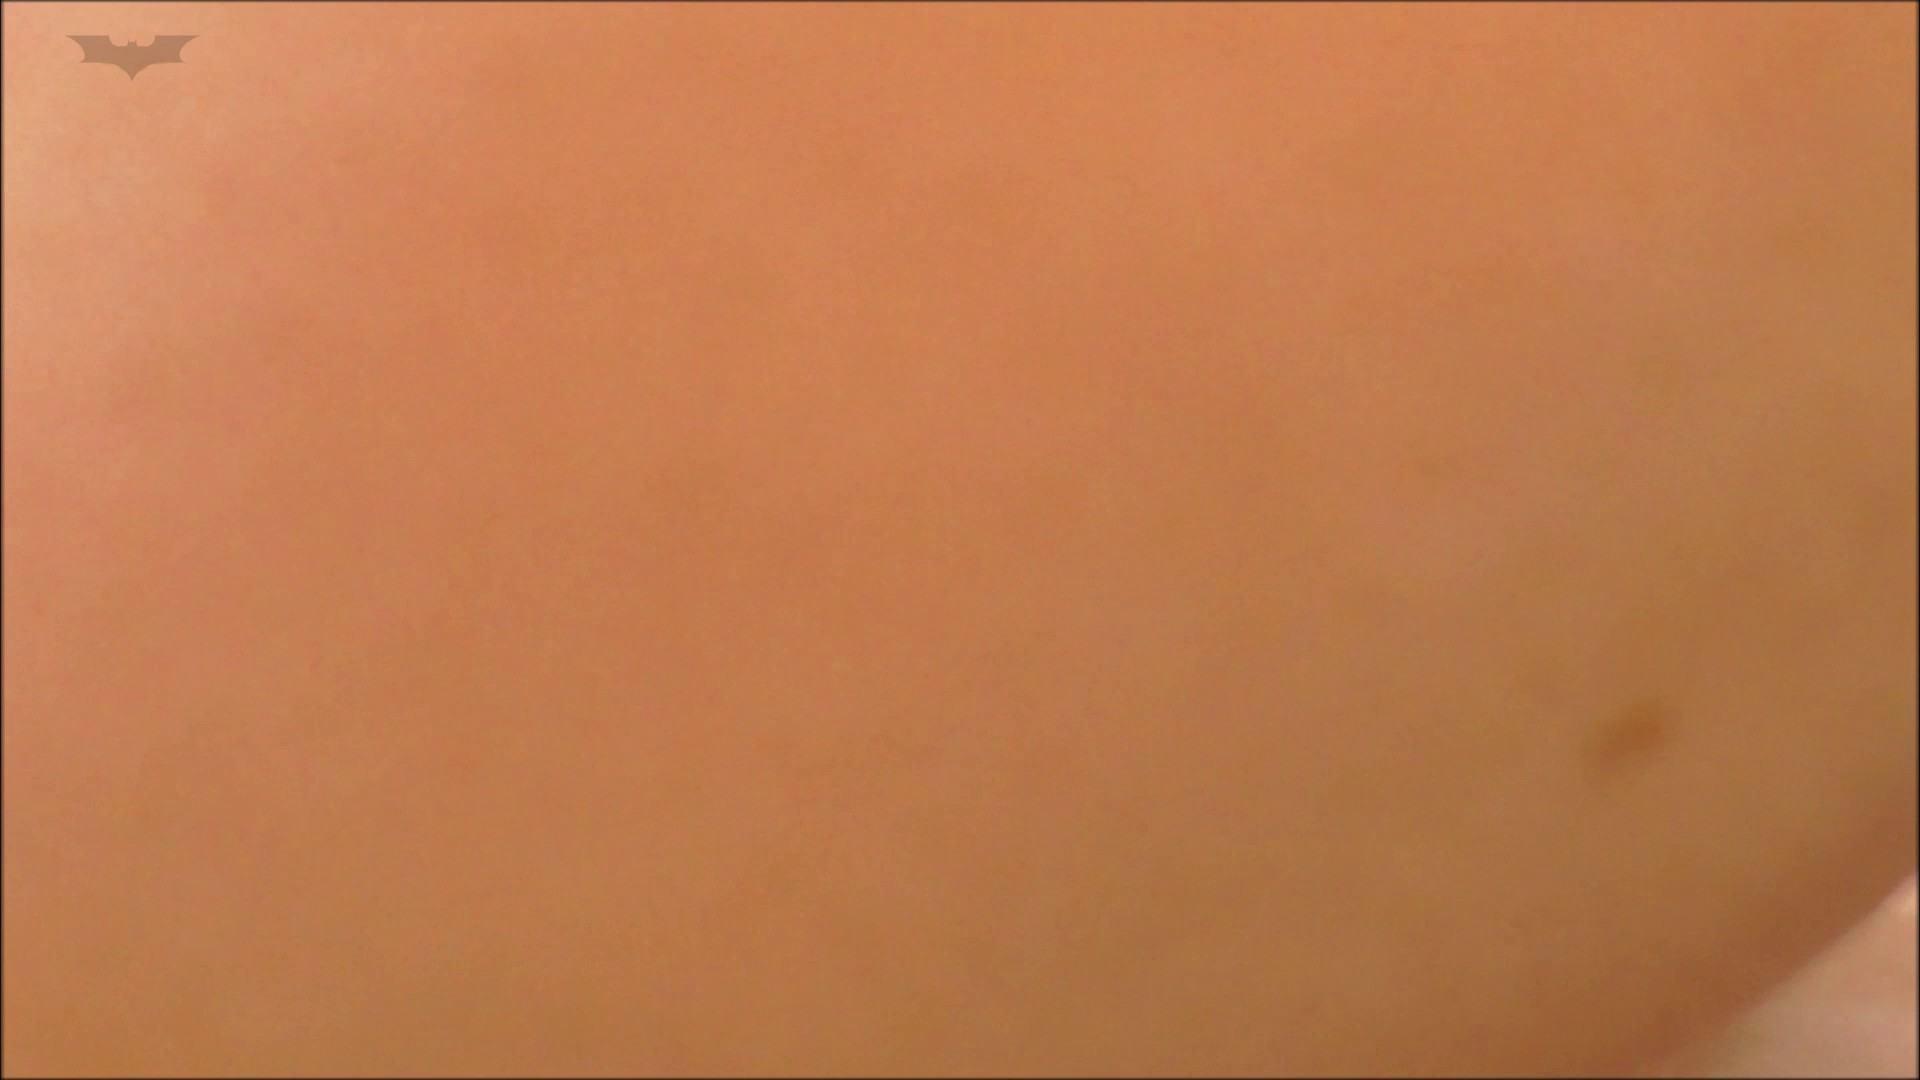 パンツを売る女 Vol.05 なんだかんだホテルに連れ込みバイブで。。。 巨乳 濡れ場動画紹介 95画像 8